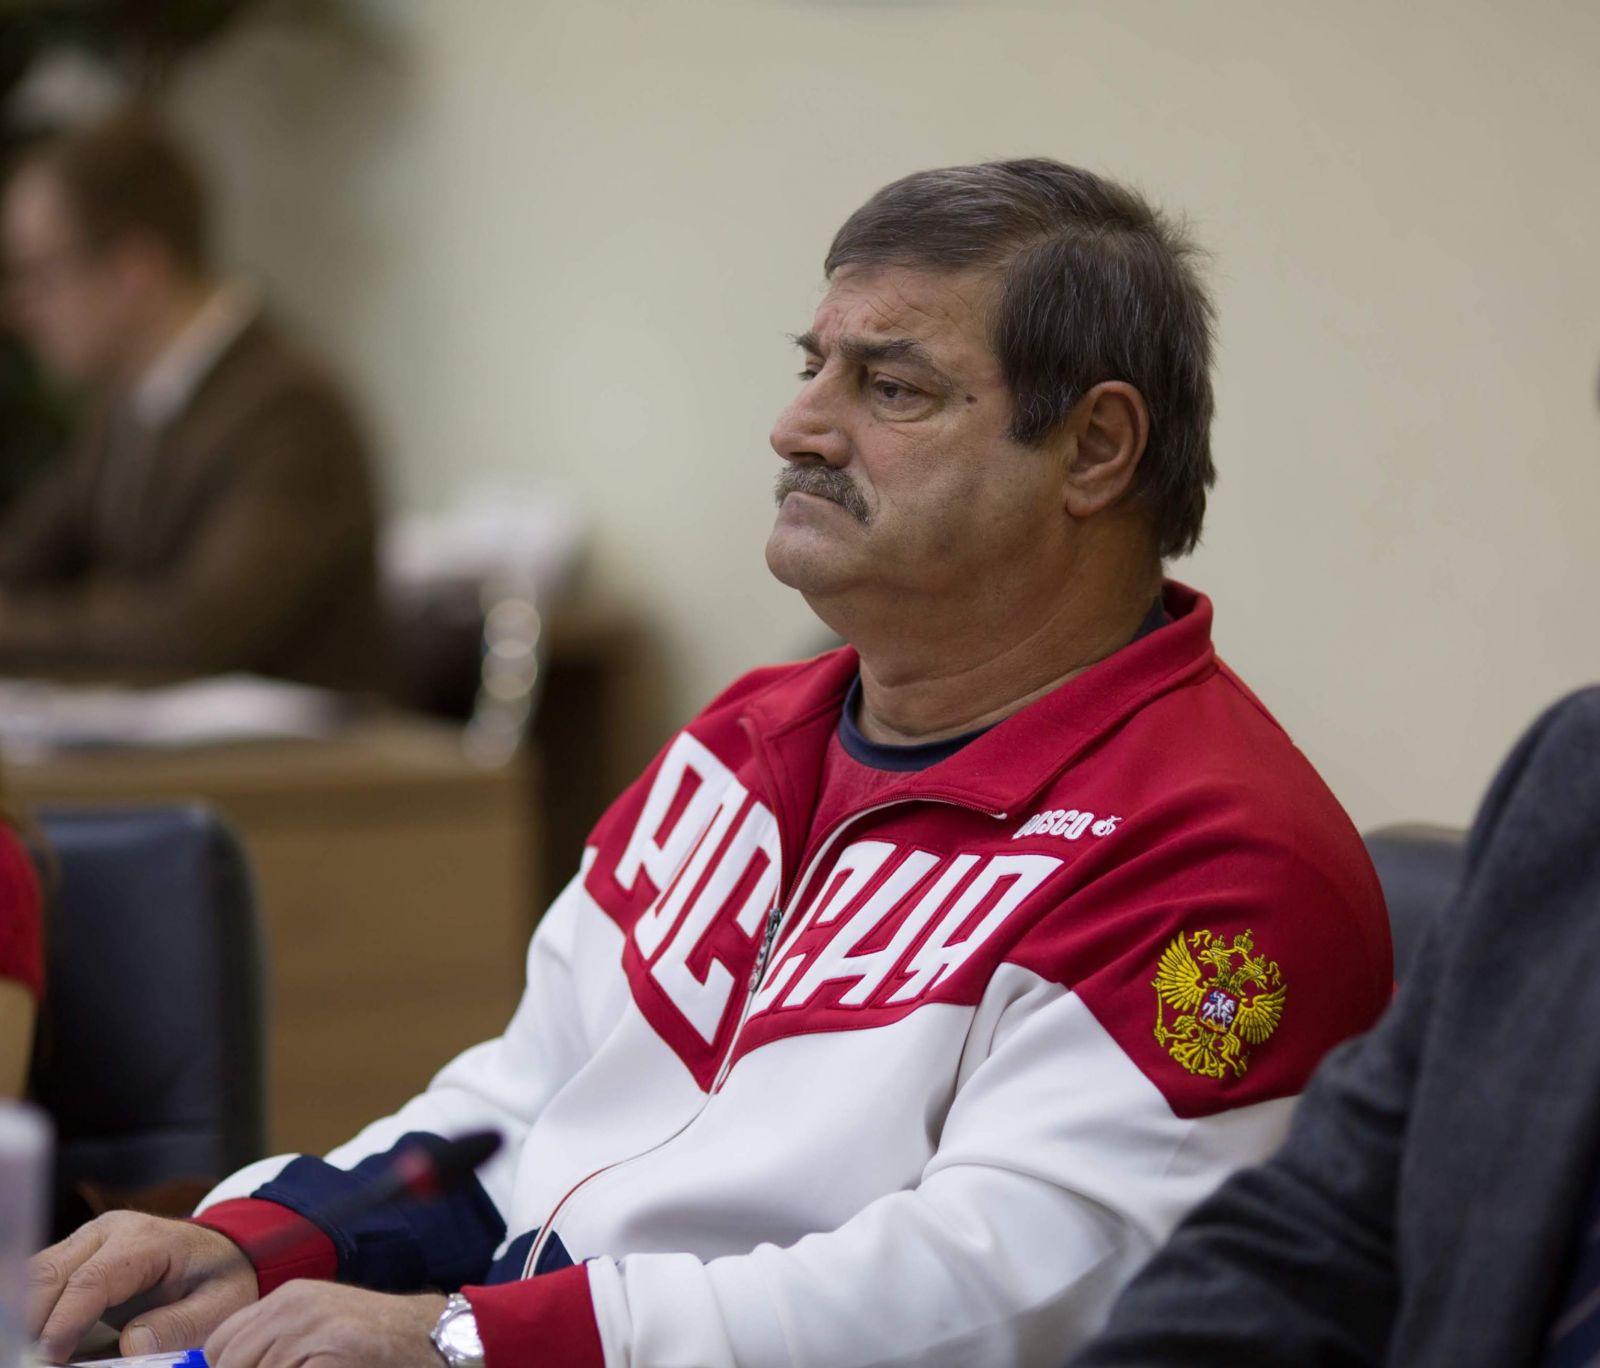 Старший тренер сборной команды России по параканоэ А.С. Маврофиди: «С задачами, которые мы ставили перед собой накануне чемпионата мира, практически все ребята успешно справились»